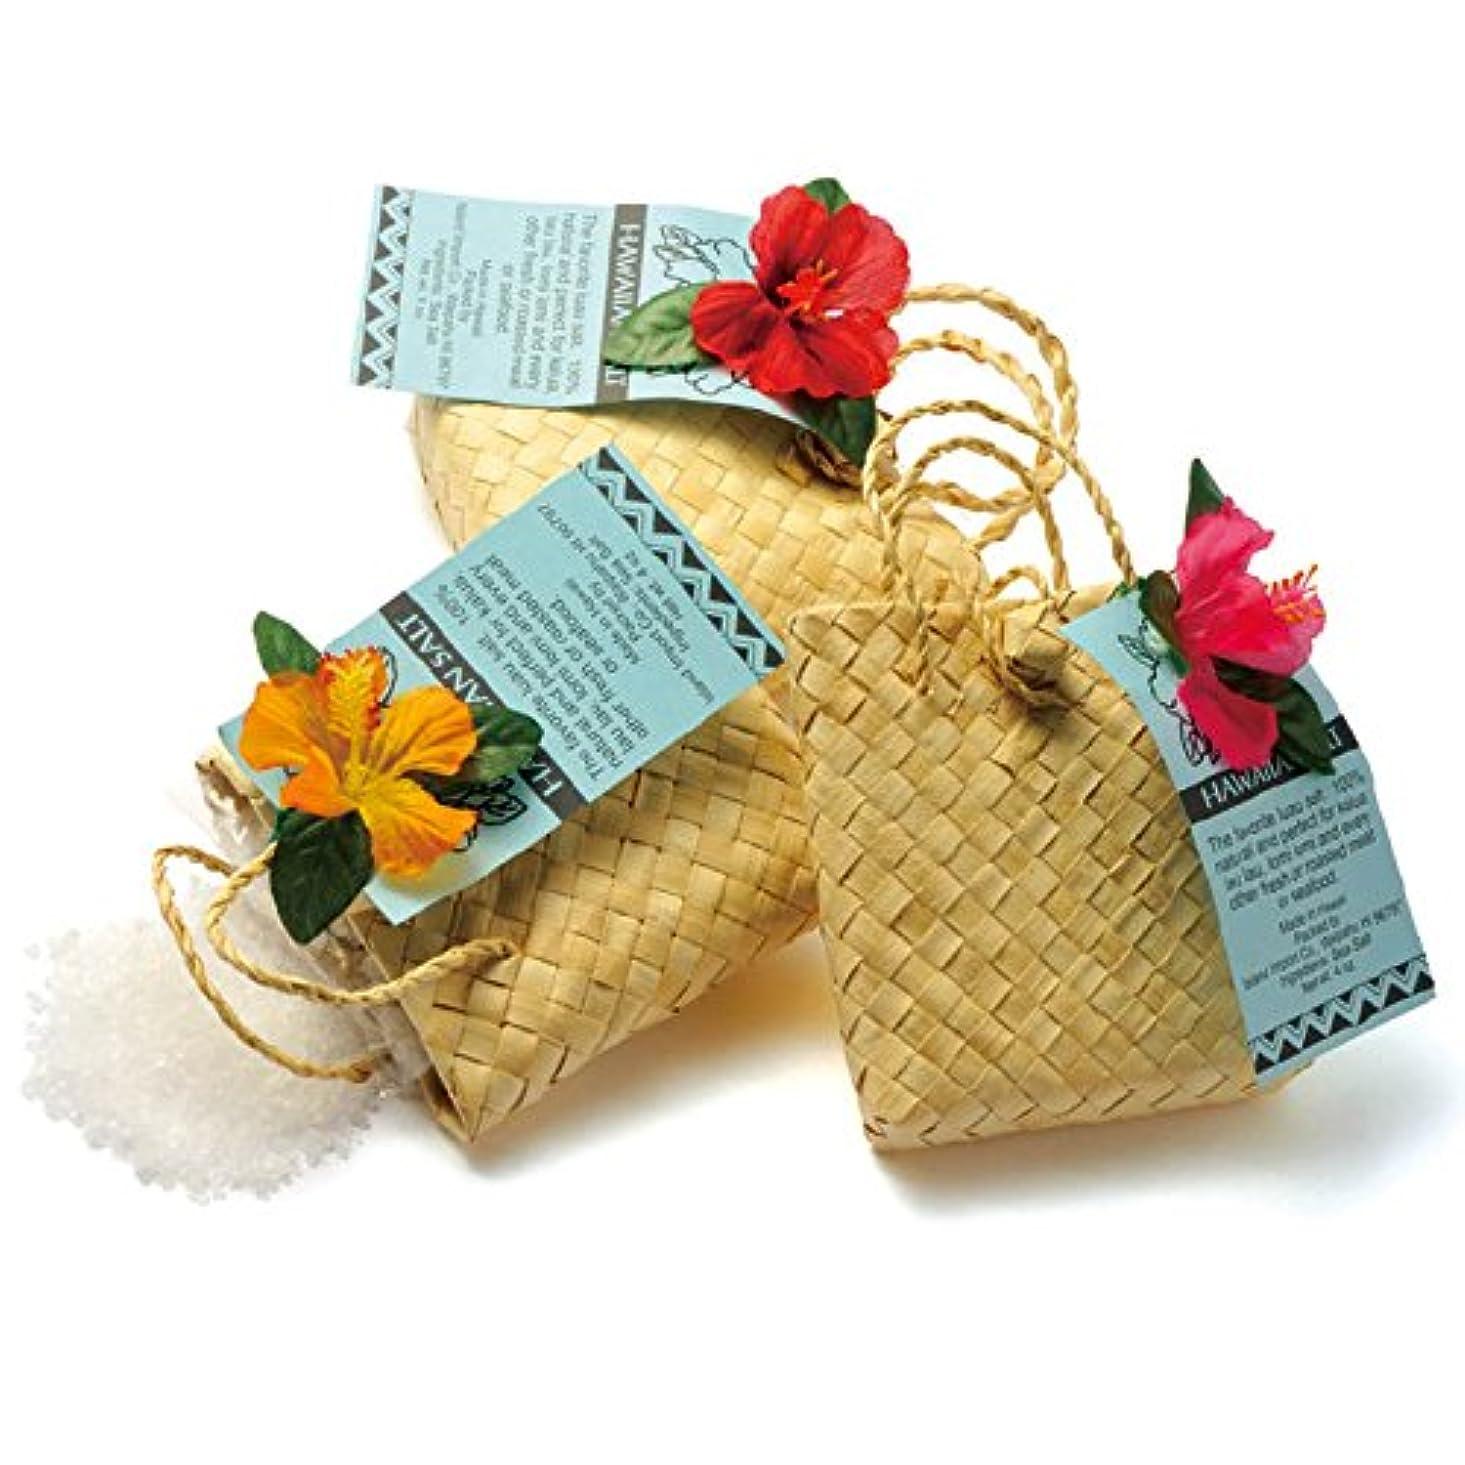 ラブ旋回不変ハワイ 土産 ハワイ ソルトバッグ入り 3袋セット (海外旅行 ハワイ お土産)